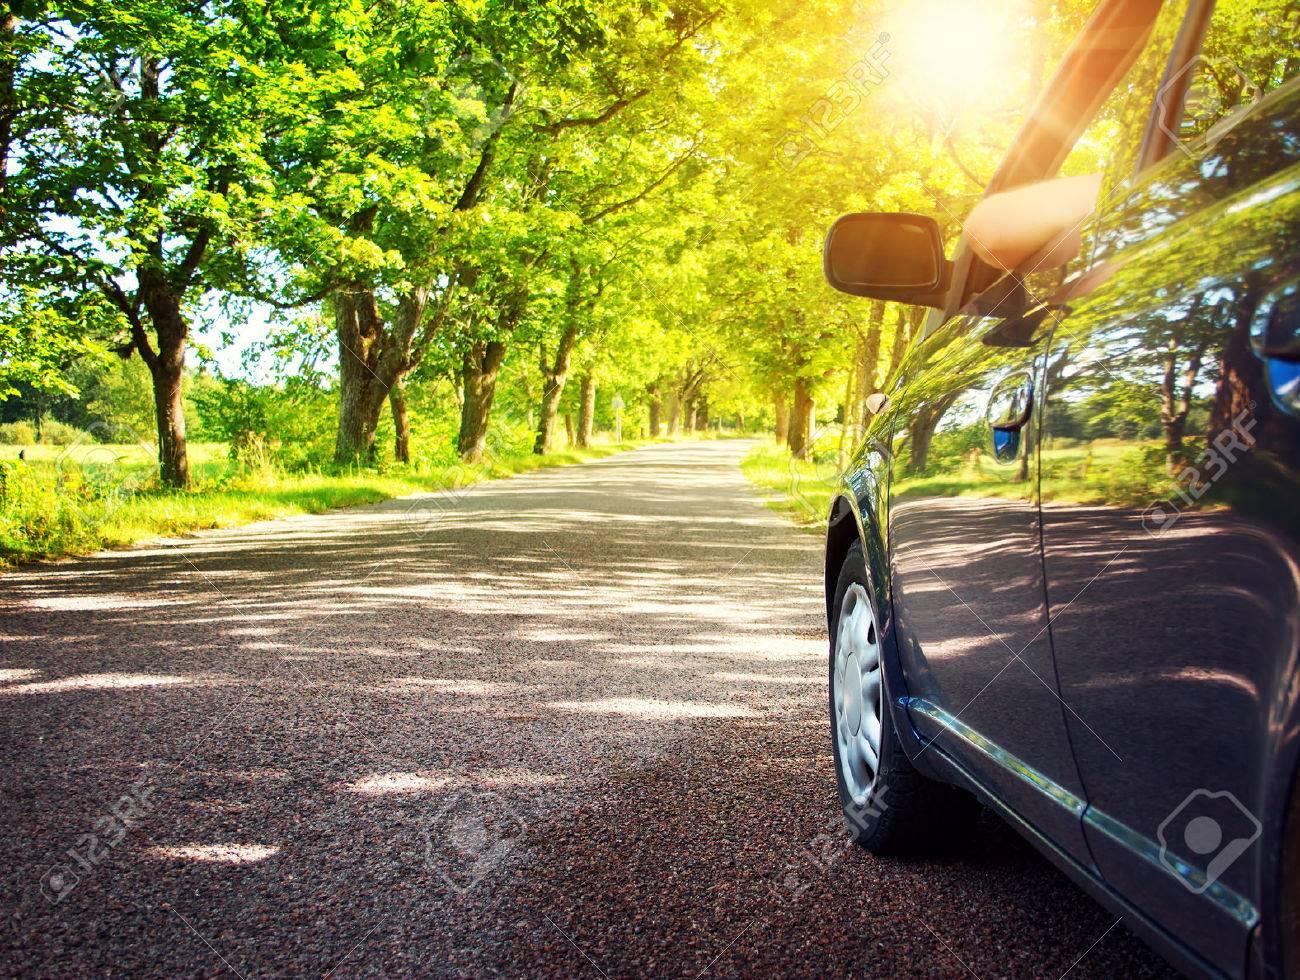 Car on asphalt road on summer day at park - 55118306